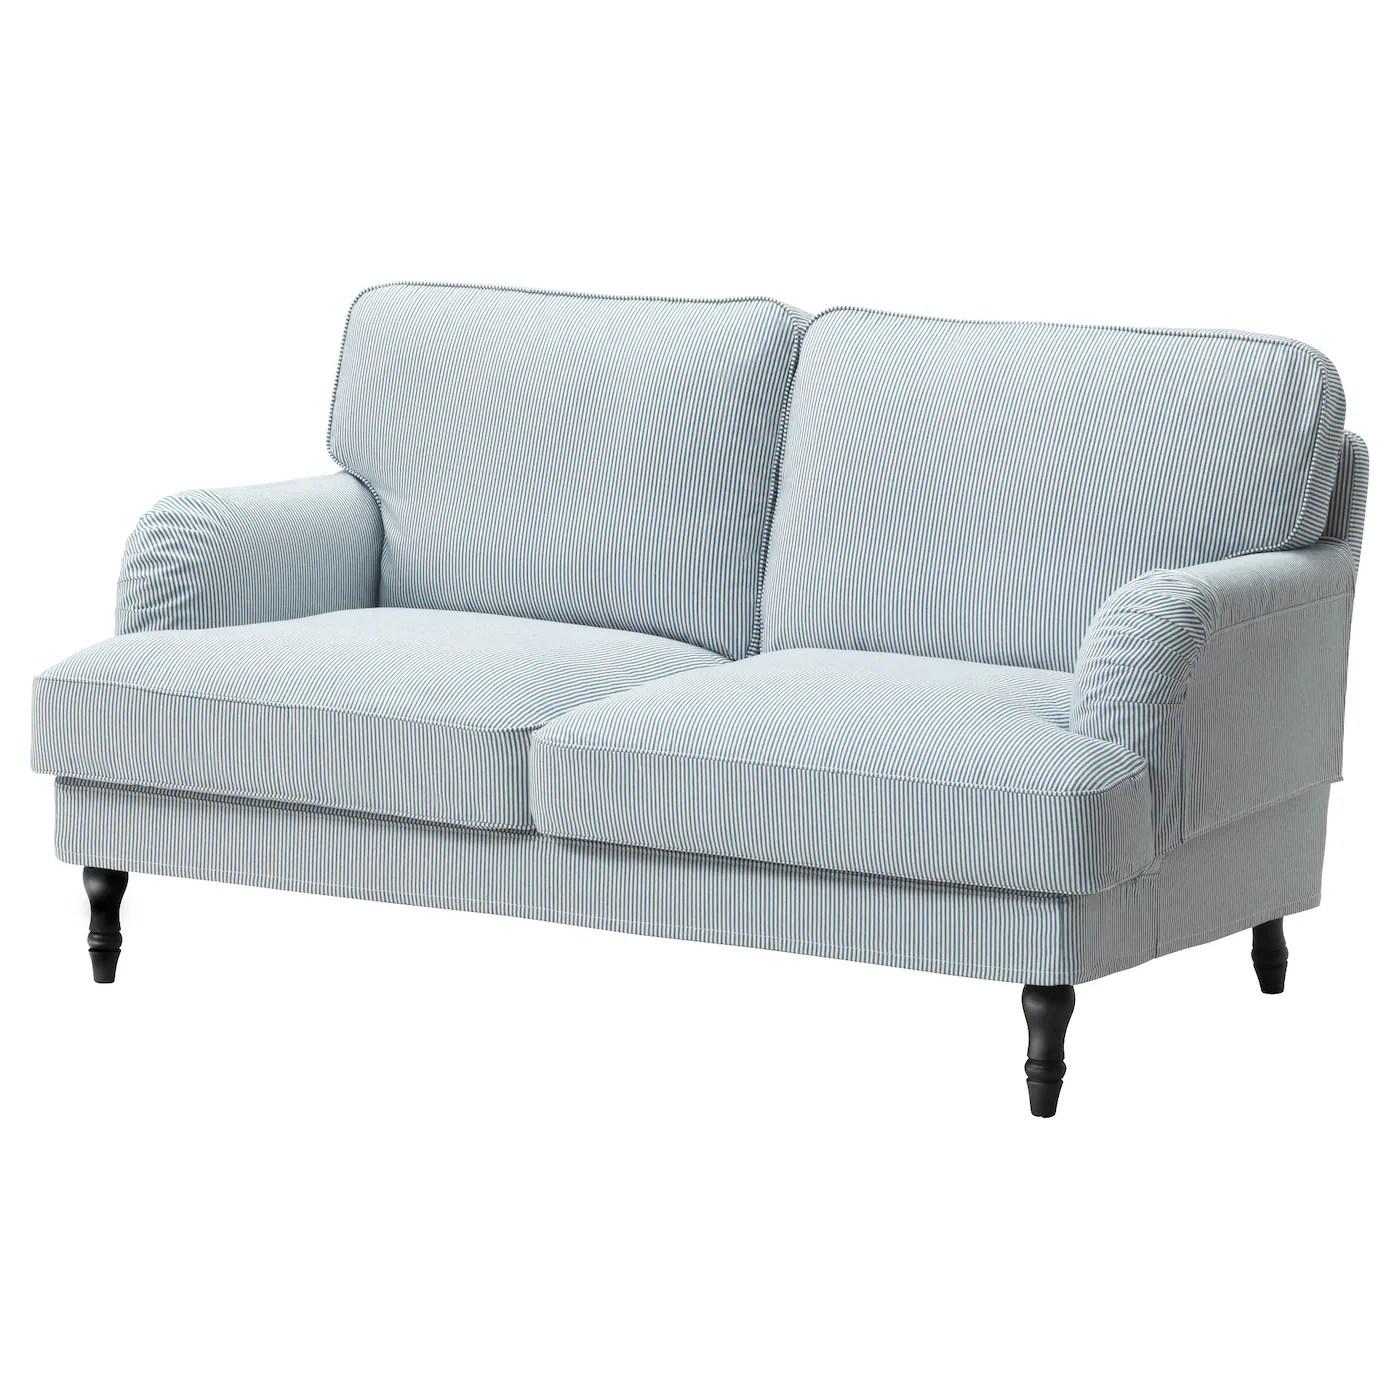 blue and white striped chair buy bean bag sofa